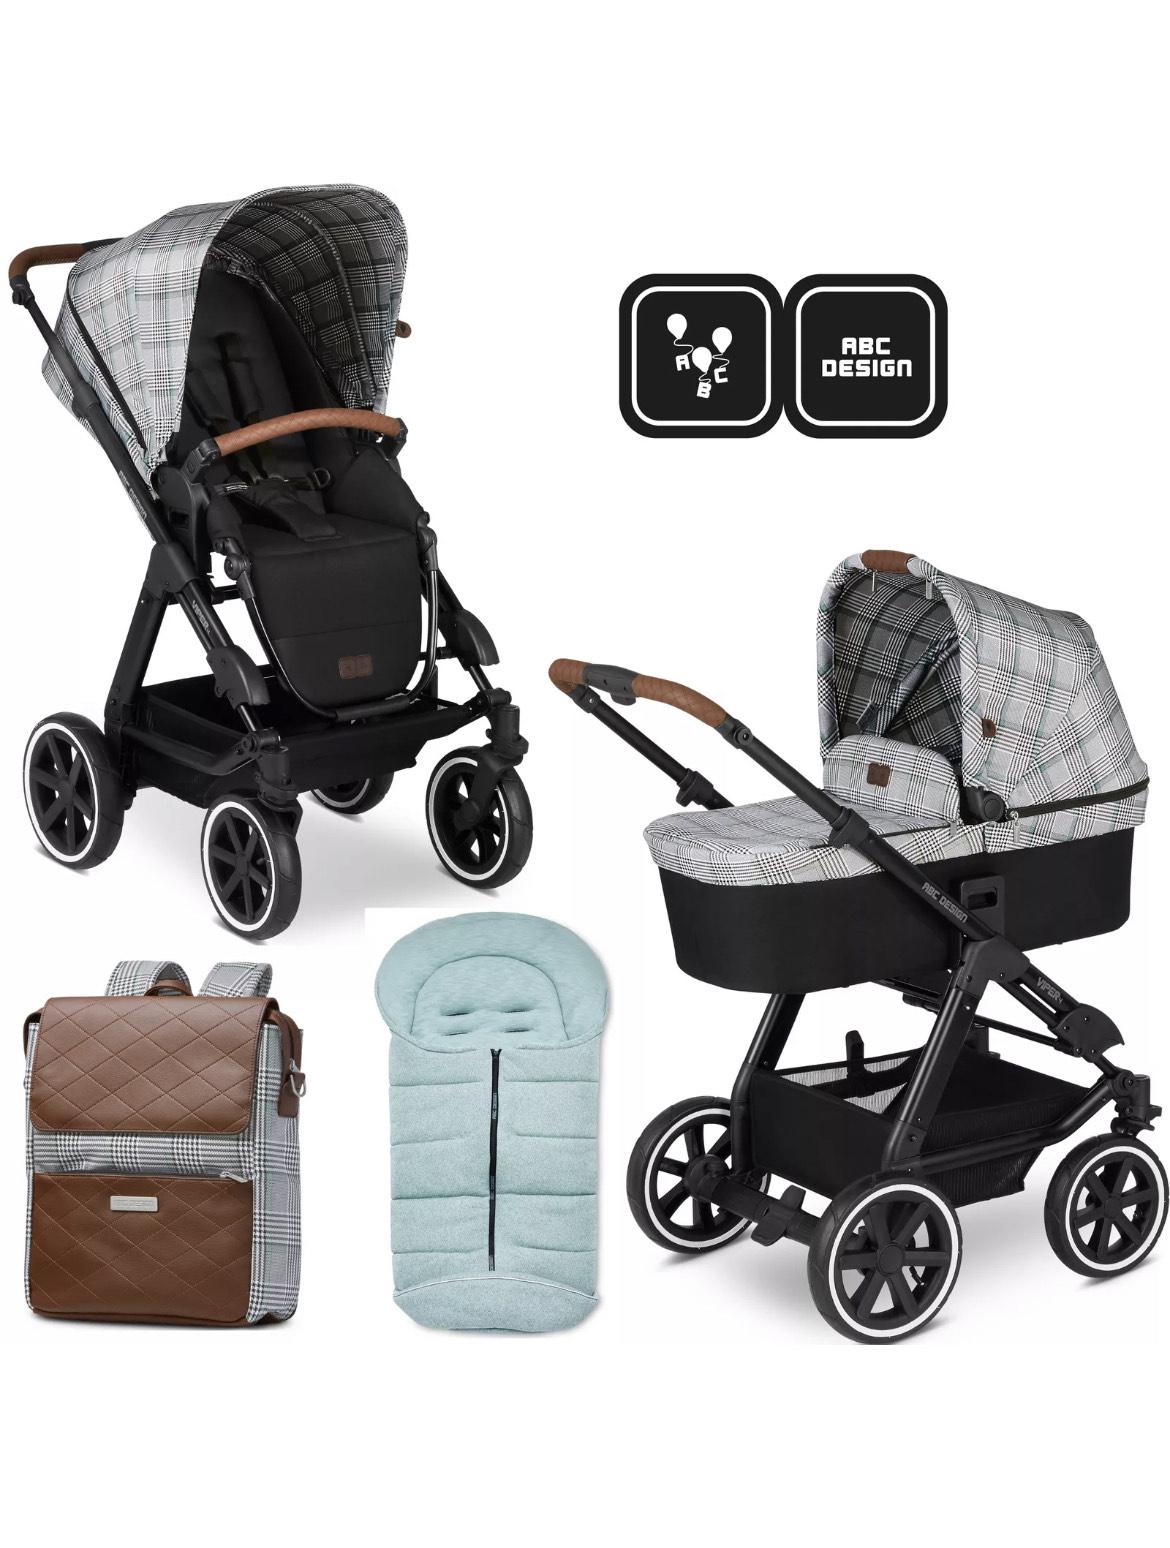 ABC Design Viper 4 Fashion Edition Smaragd Kombi-Kinderwagen Set mit Wickelrucksack und Fußsack